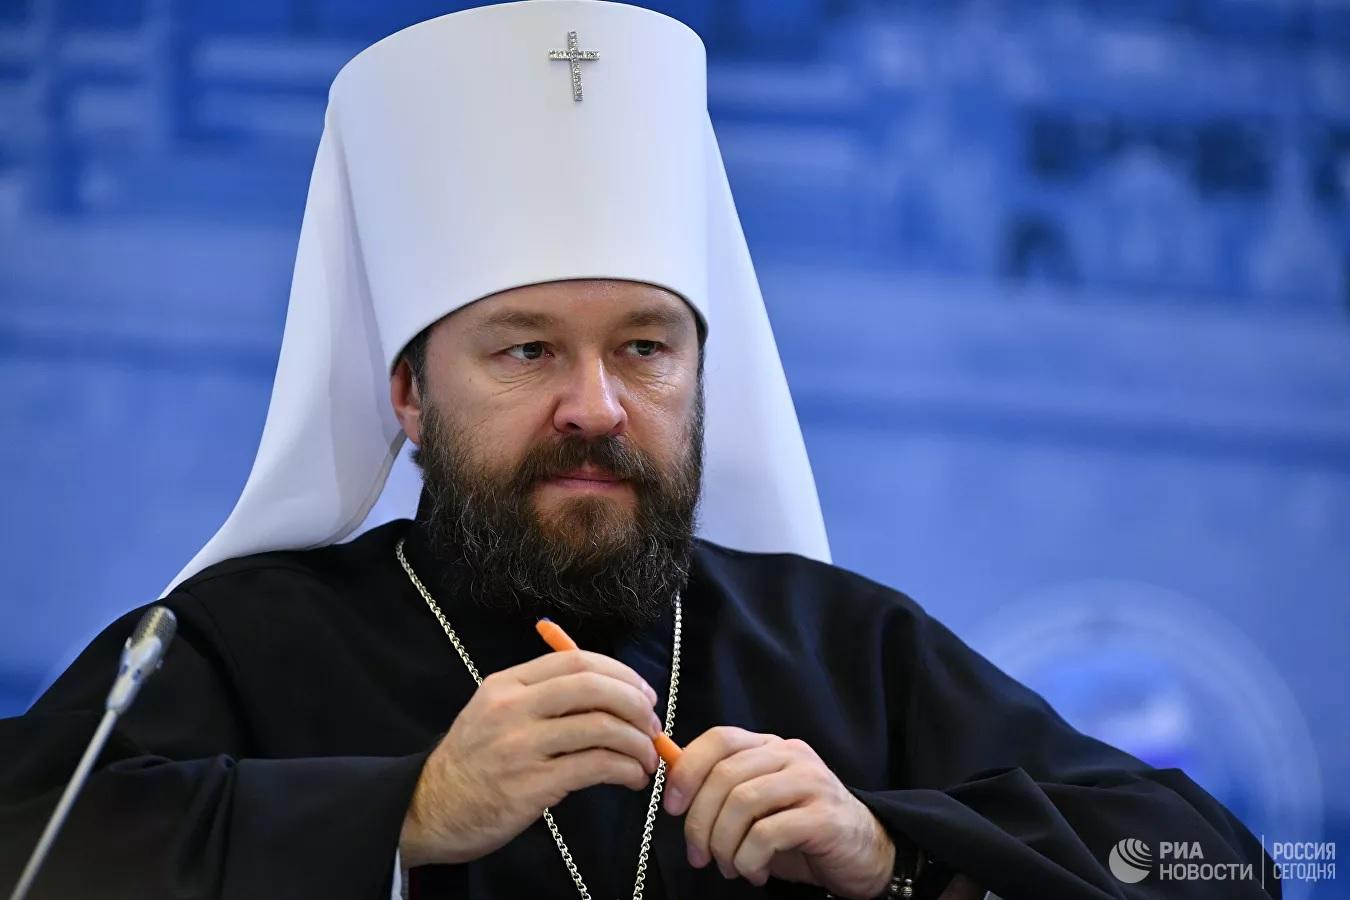 В РПЦ не считают изнасилование причиной для аборта